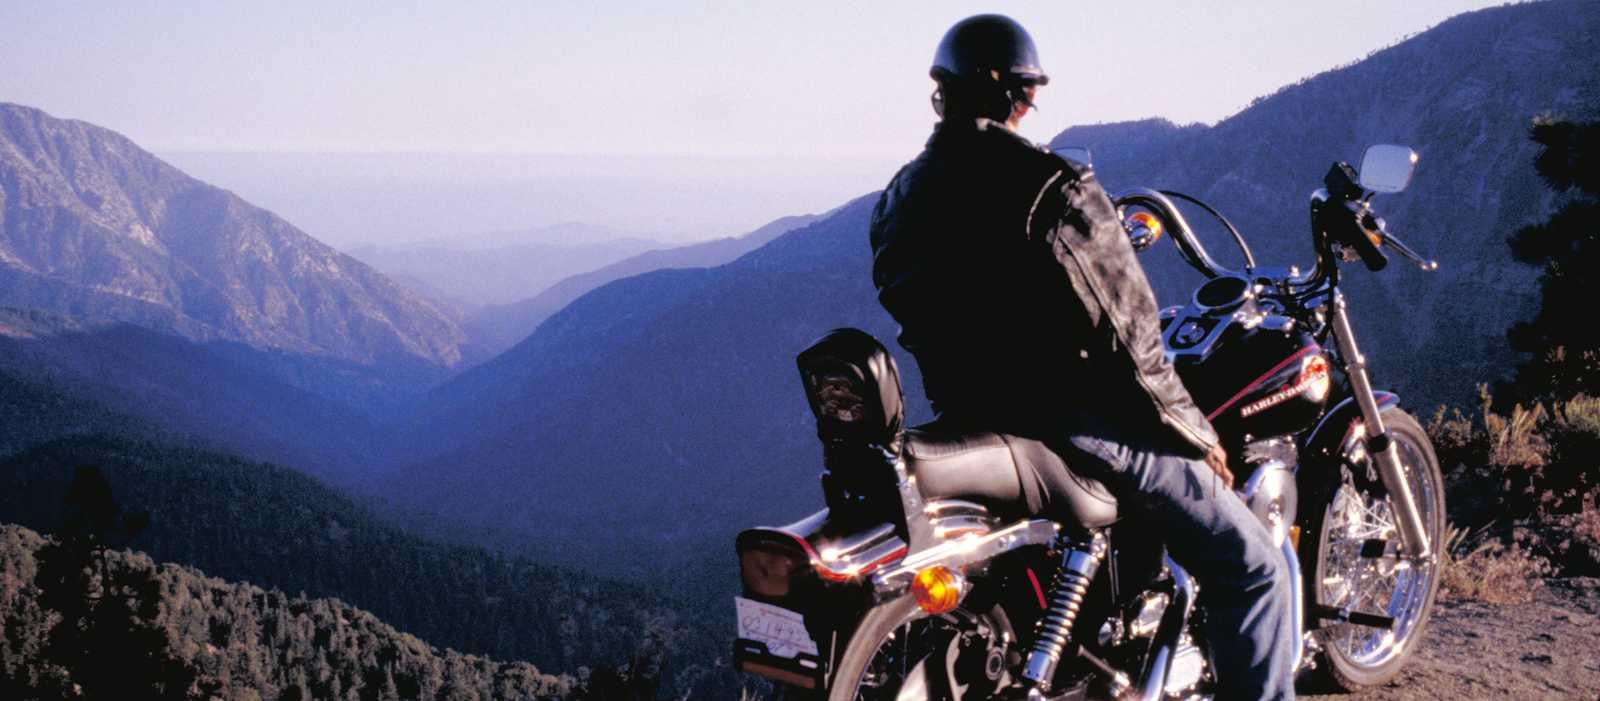 Auf einer Harley die tolle Aussicht genießen